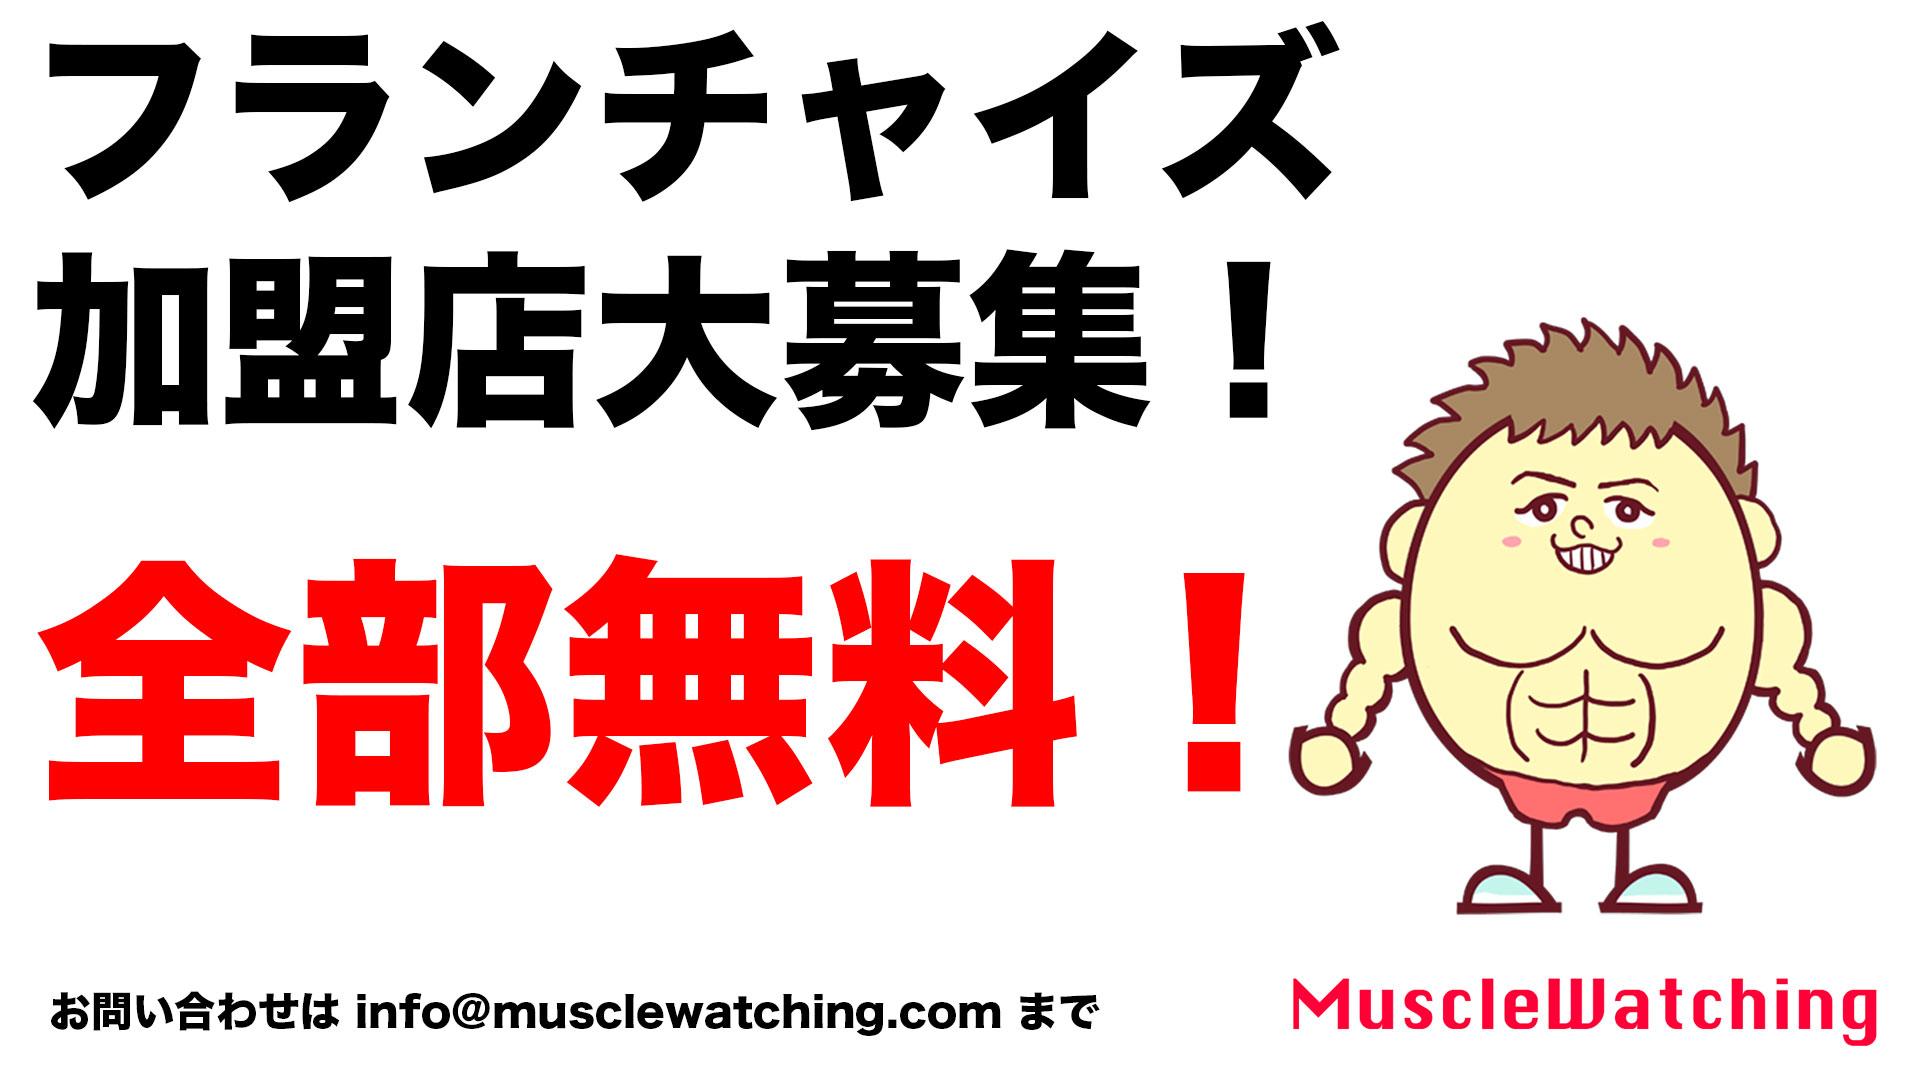 【無料】マッスルウォッチングジムフランチャイズ加盟店大募集中!(3/13追記あり)